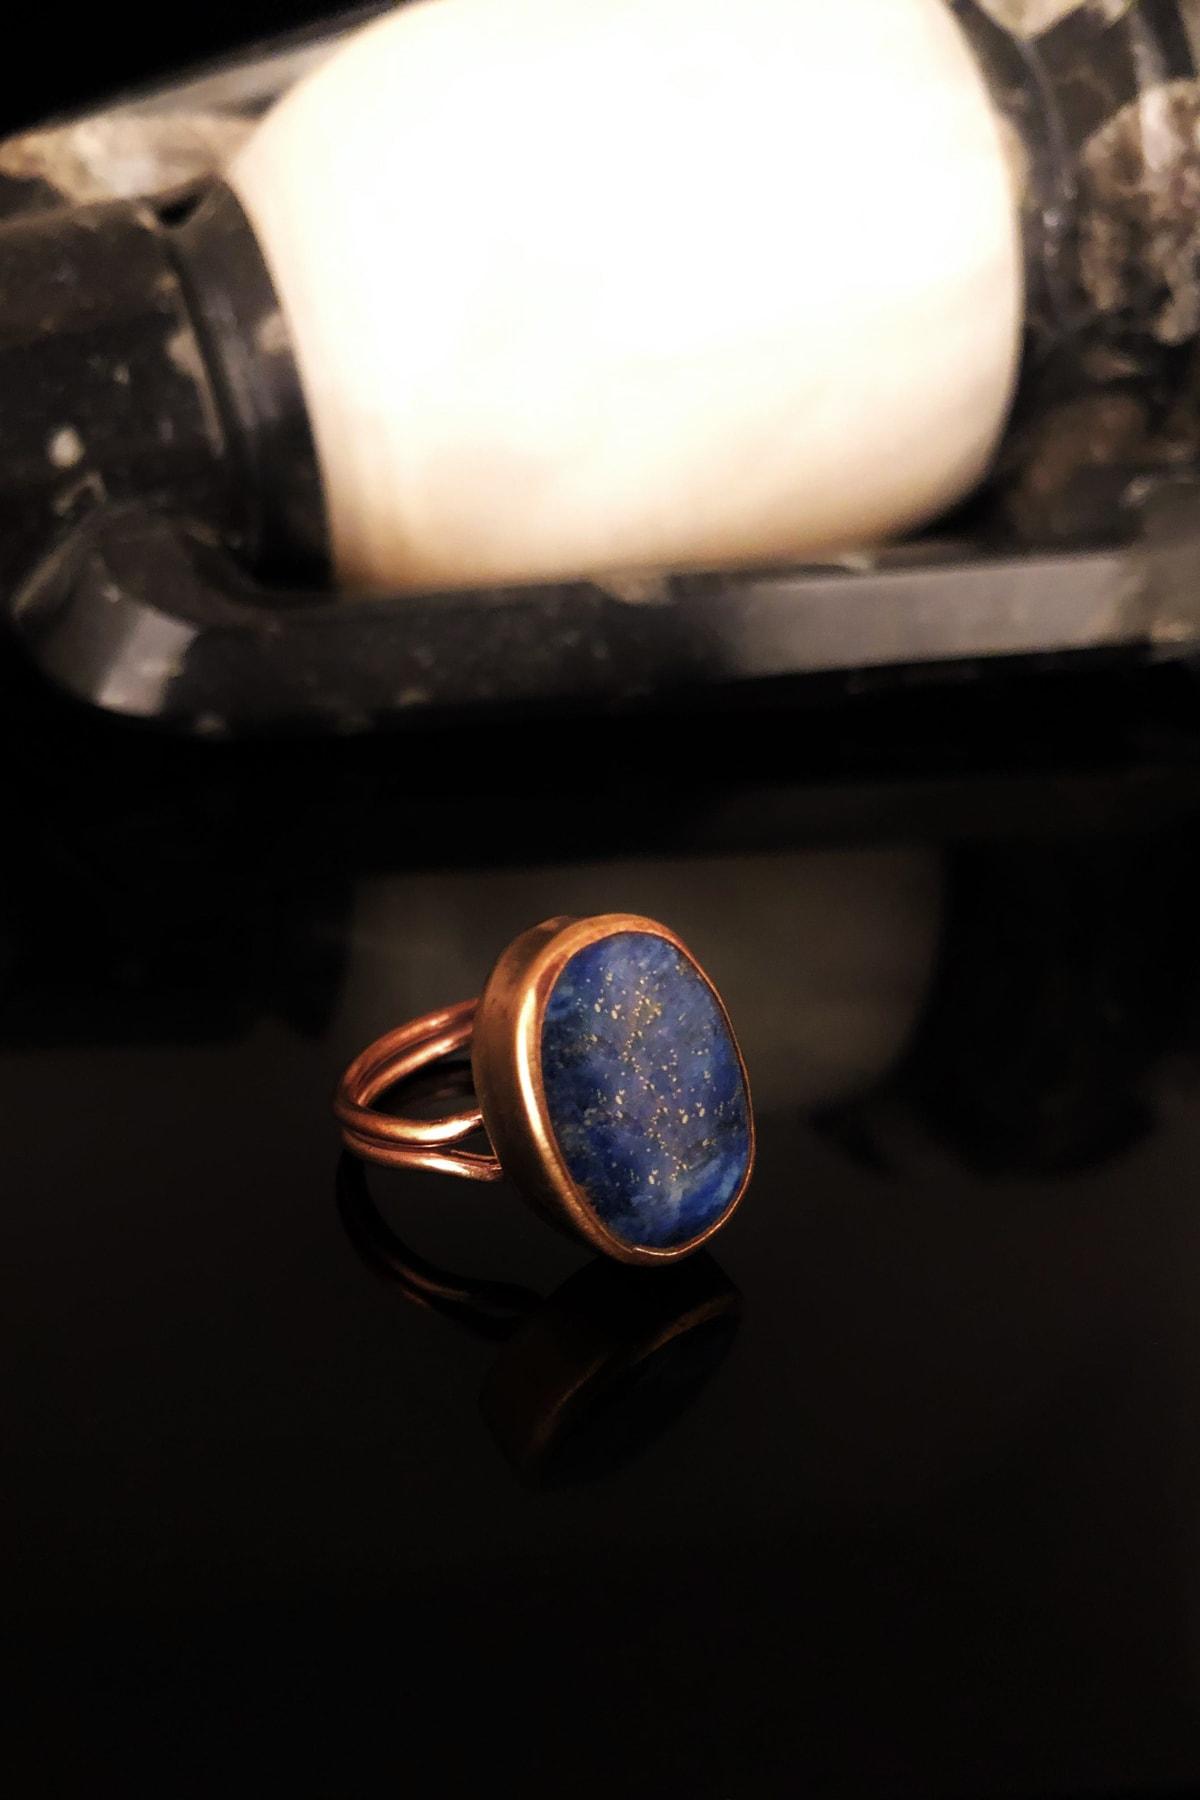 Dr. Stone Dr Stone Doğaltaş Kadın Lapis Lazuli Taşı Rose Altın Kaplama Yüzük KRB373 1